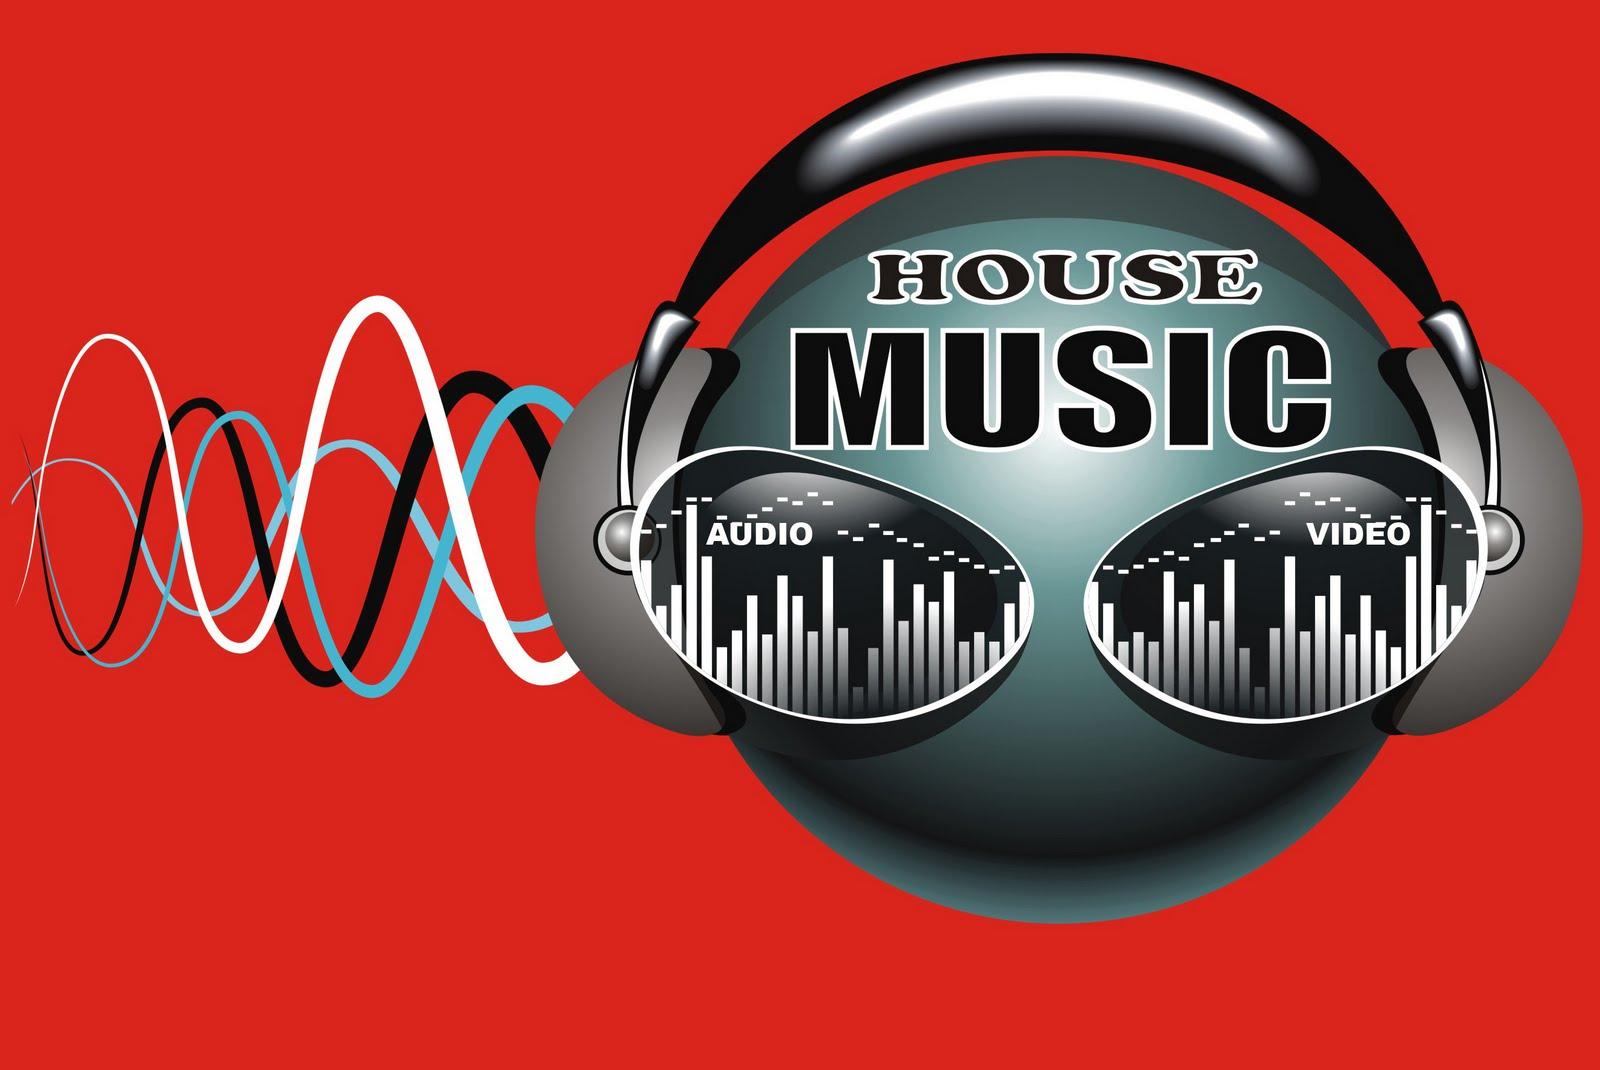 Dj fred mix audio y video producciones audio y video for Musik hause